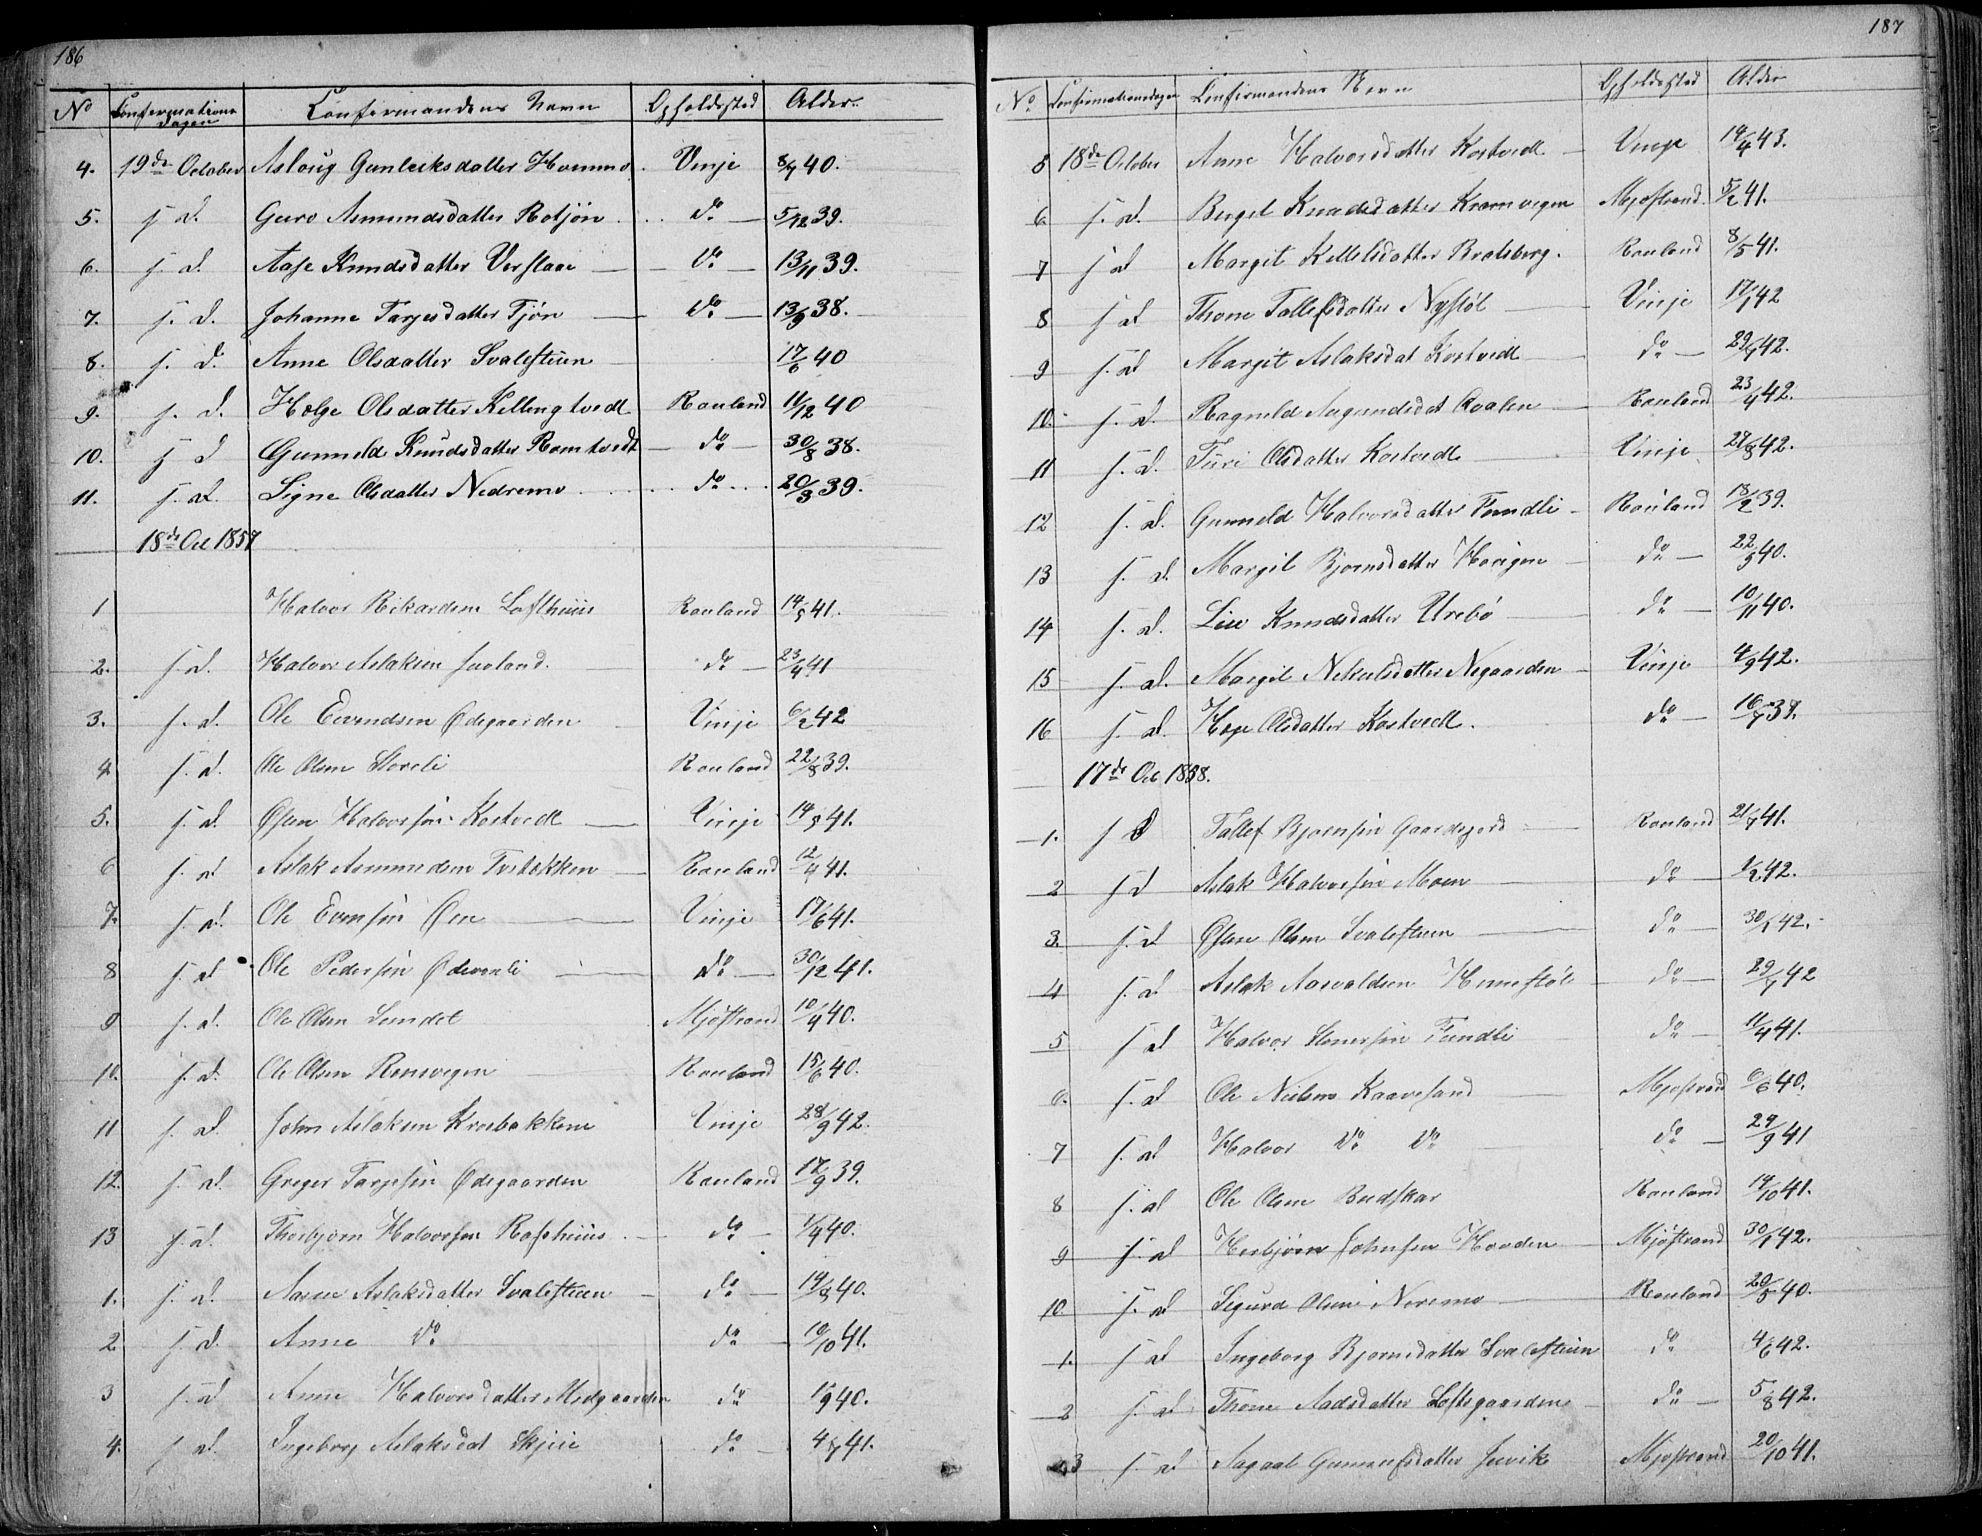 SAKO, Rauland kirkebøker, G/Ga/L0002: Klokkerbok nr. I 2, 1849-1935, s. 186-187